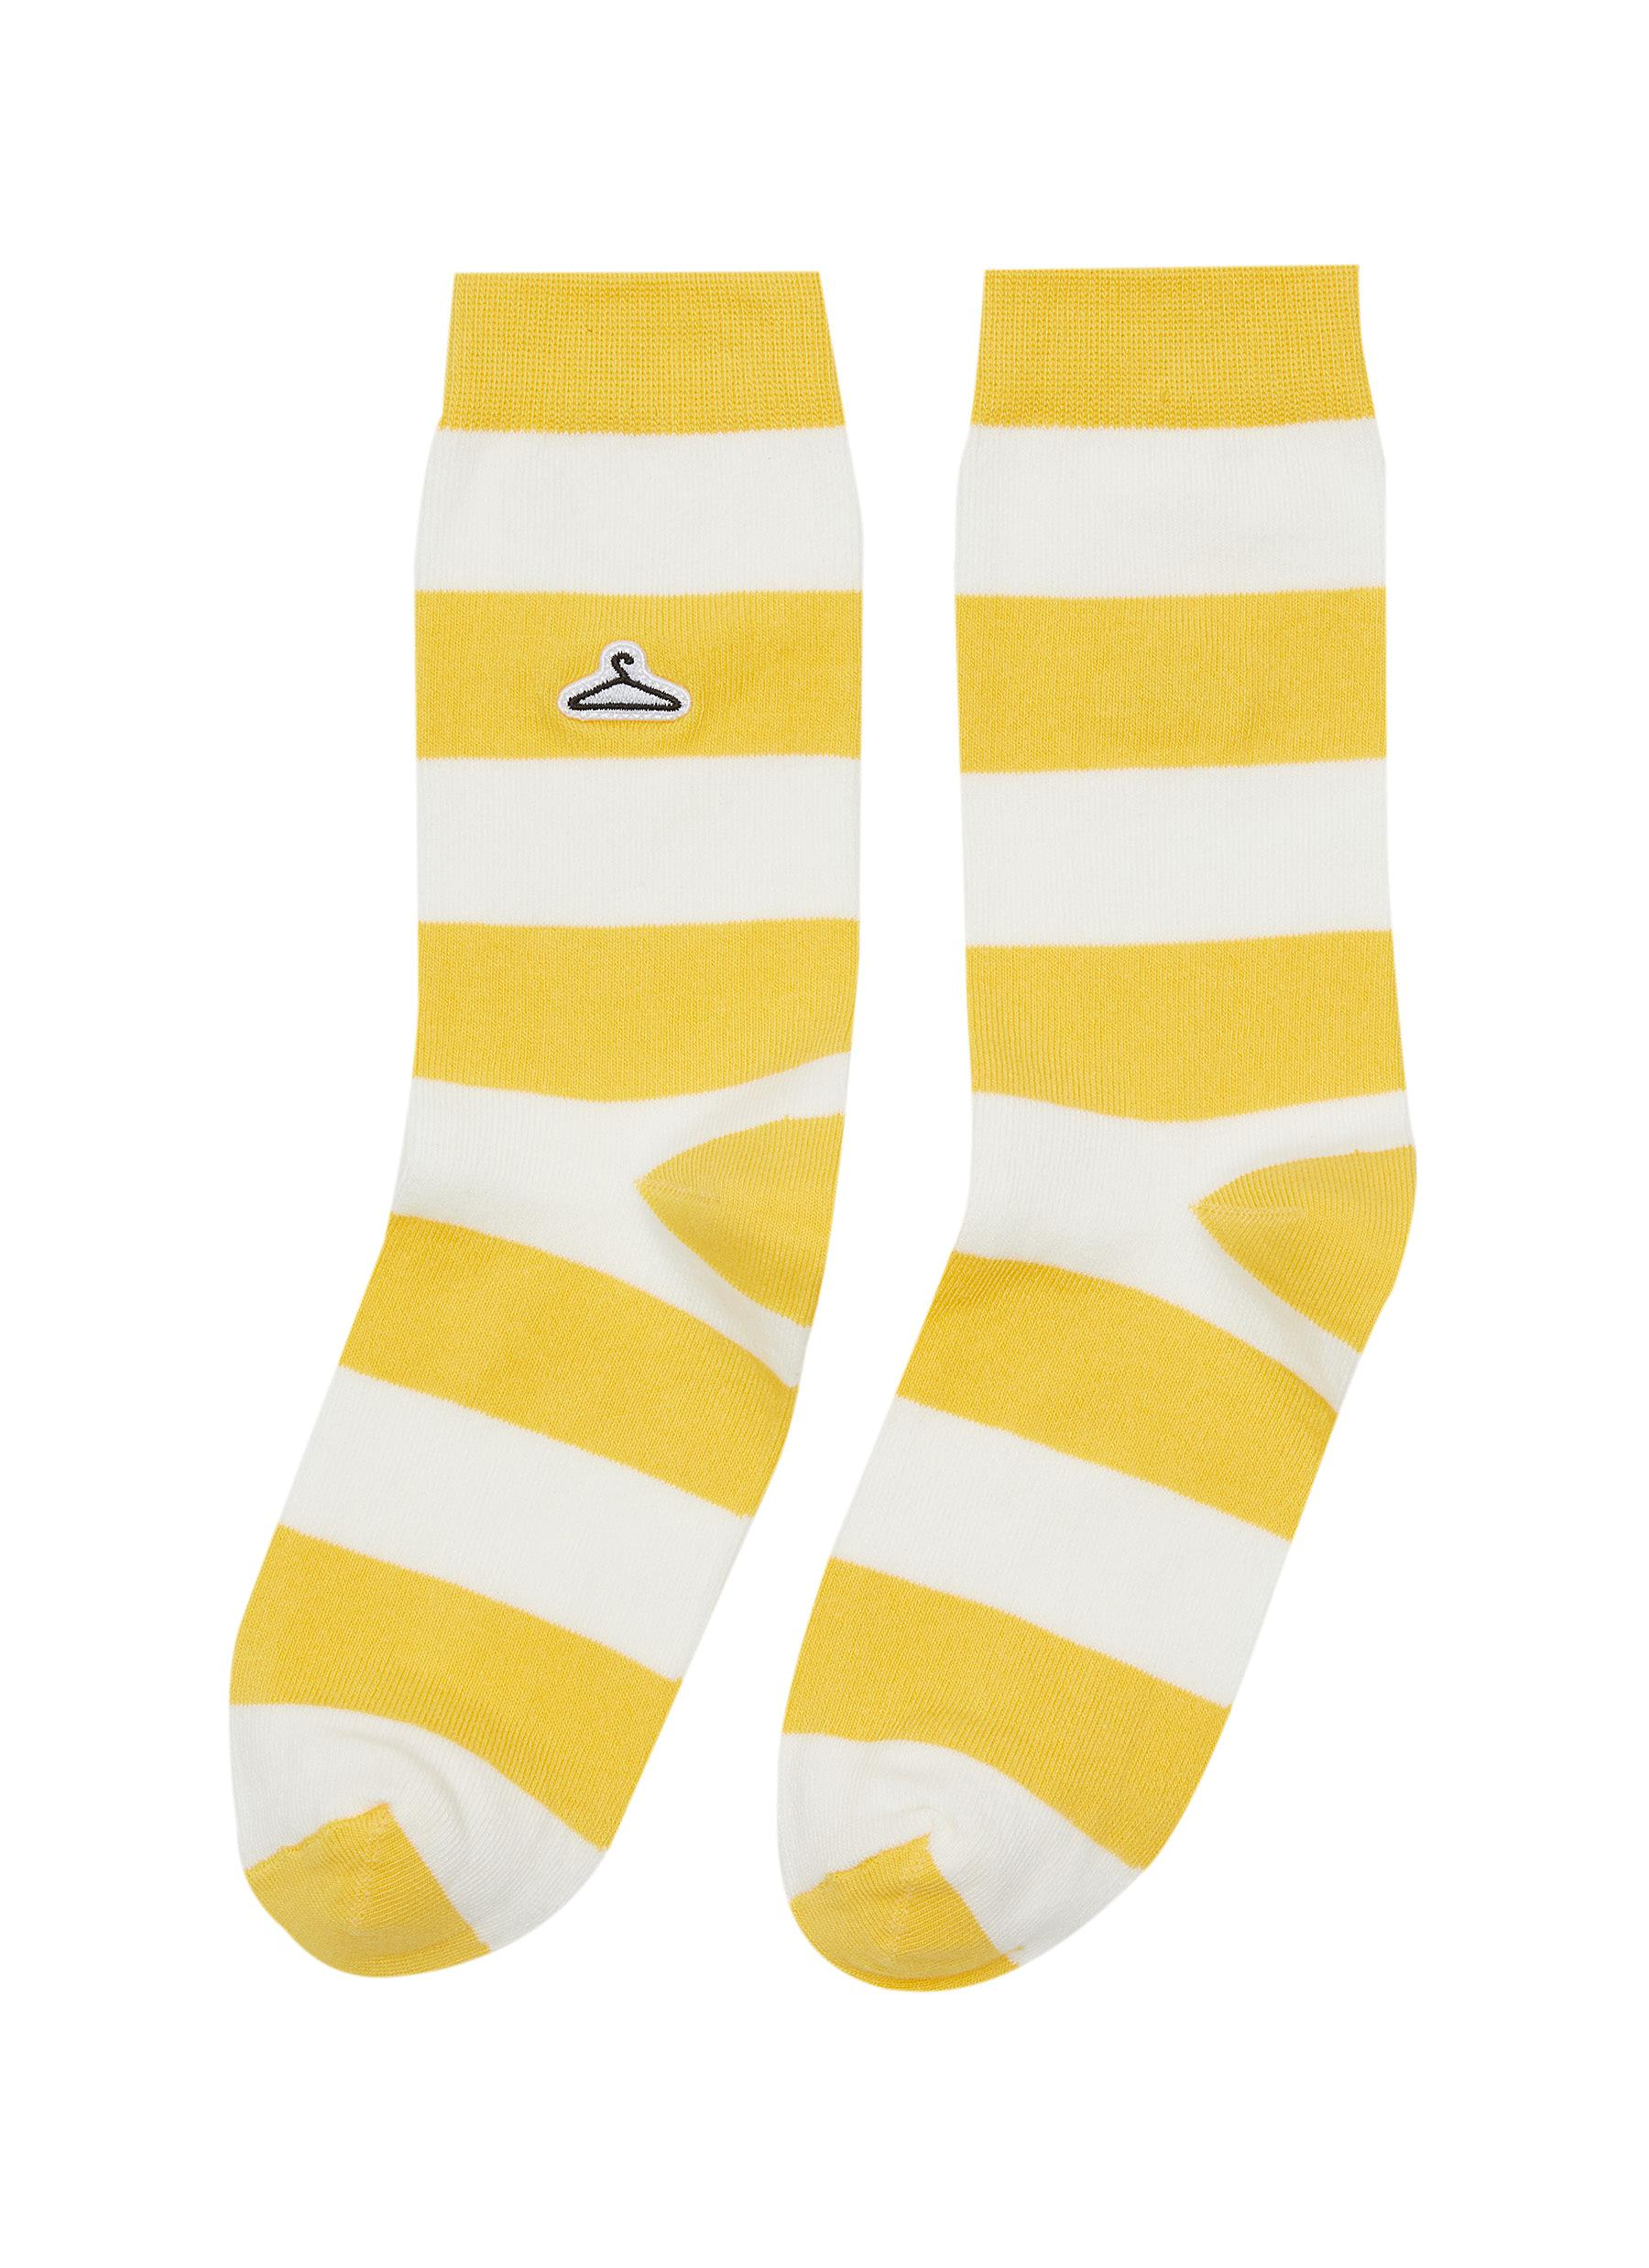 Hanger Motif Embroidered Stripe Cotton Blend Socks